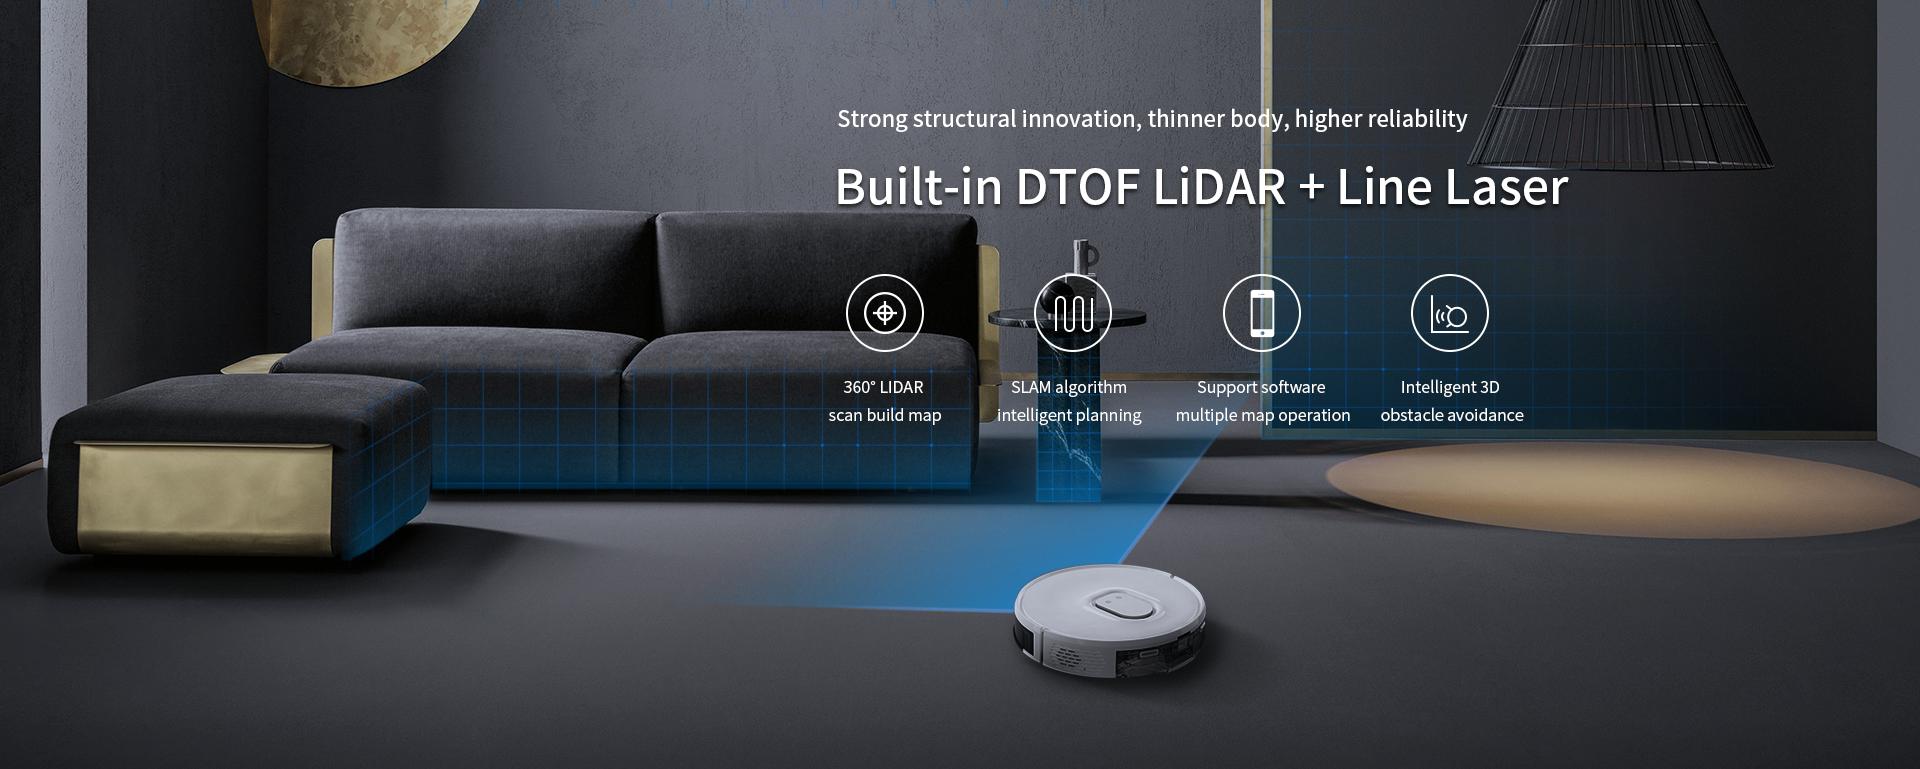 LD-AIR LiDAR | 360° TOF Sensor For All Robotic Applications